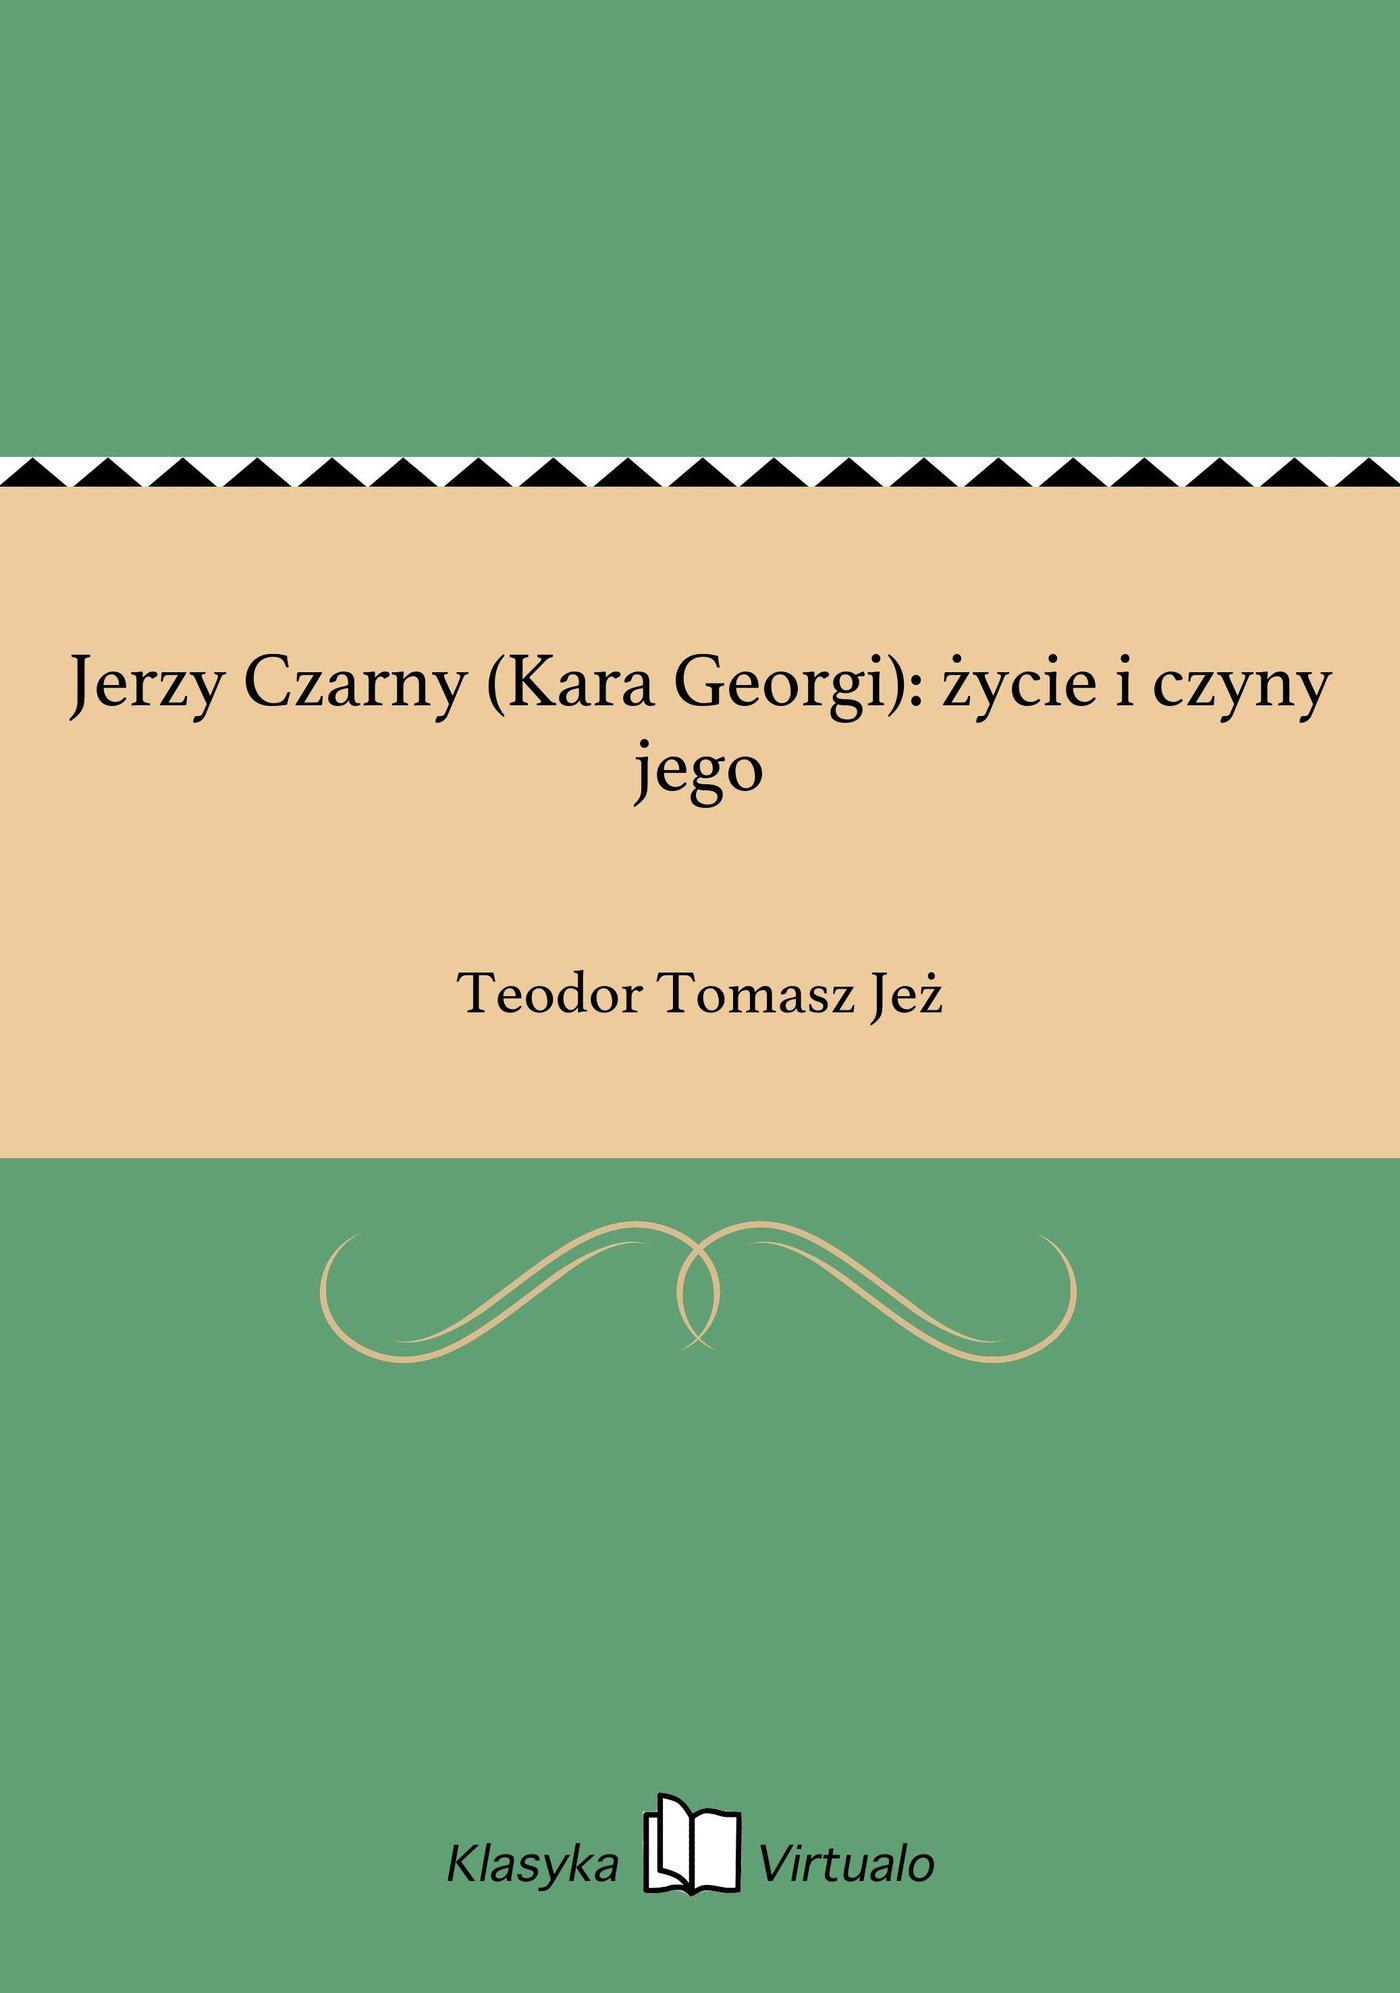 Jerzy Czarny (Kara Georgi): życie i czyny jego - Ebook (Książka EPUB) do pobrania w formacie EPUB